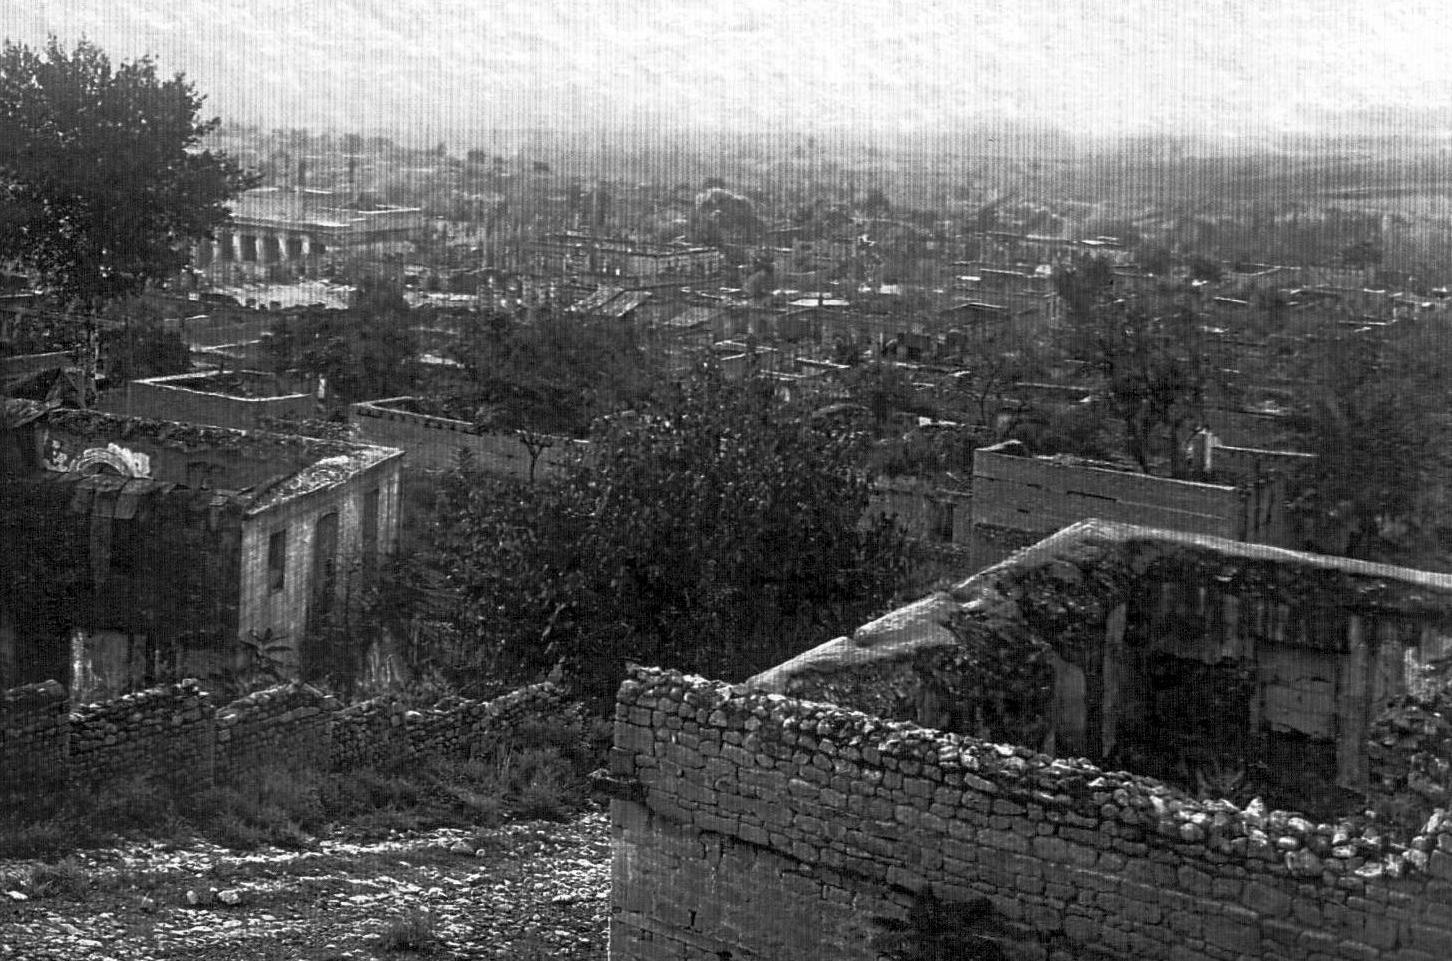 Şamaxı şəhərinin müsəlman hissəsinin ümumi mənzərəsi